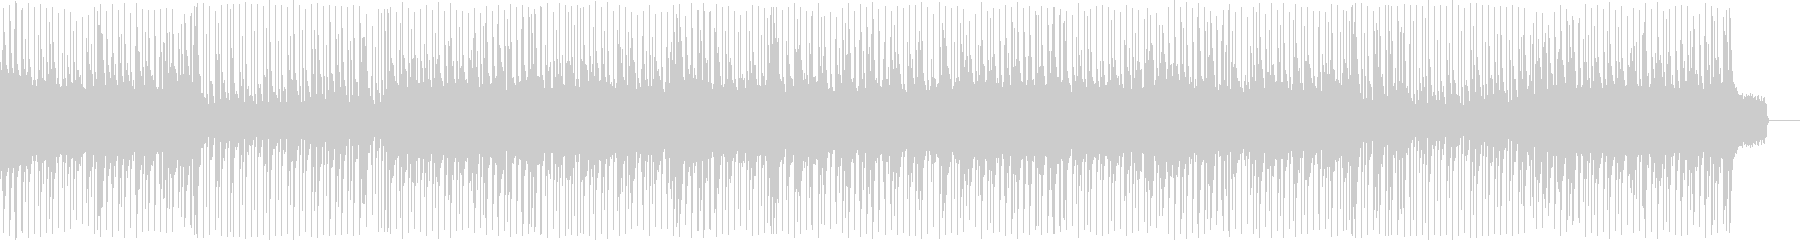 ピアノメインの旅立ちの切ないポップの未再生の波形